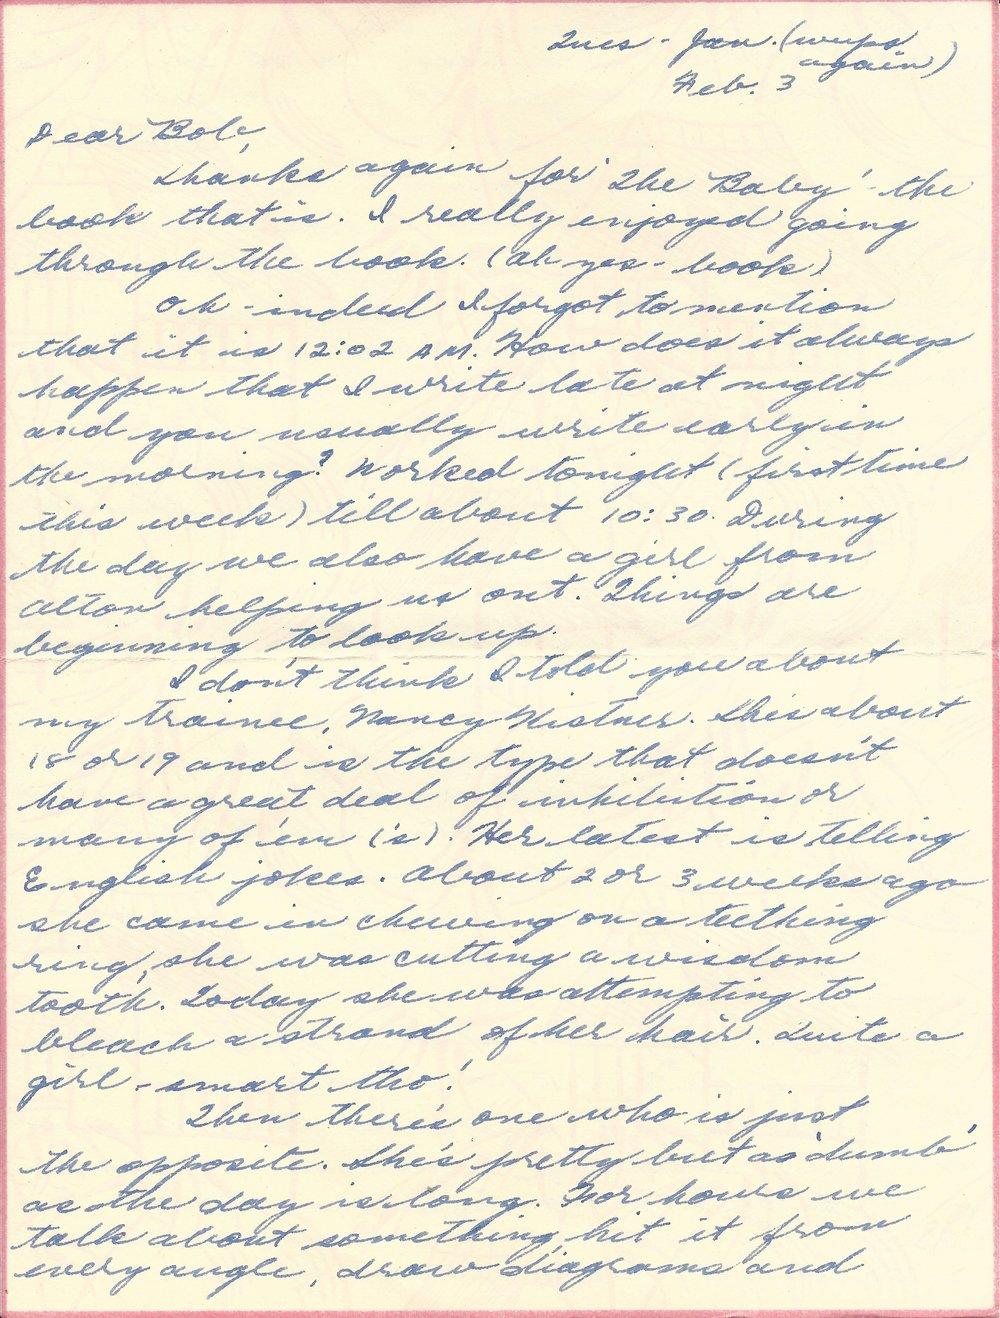 4. Feb. 3, 1953 (Oma)_Page_2.jpg